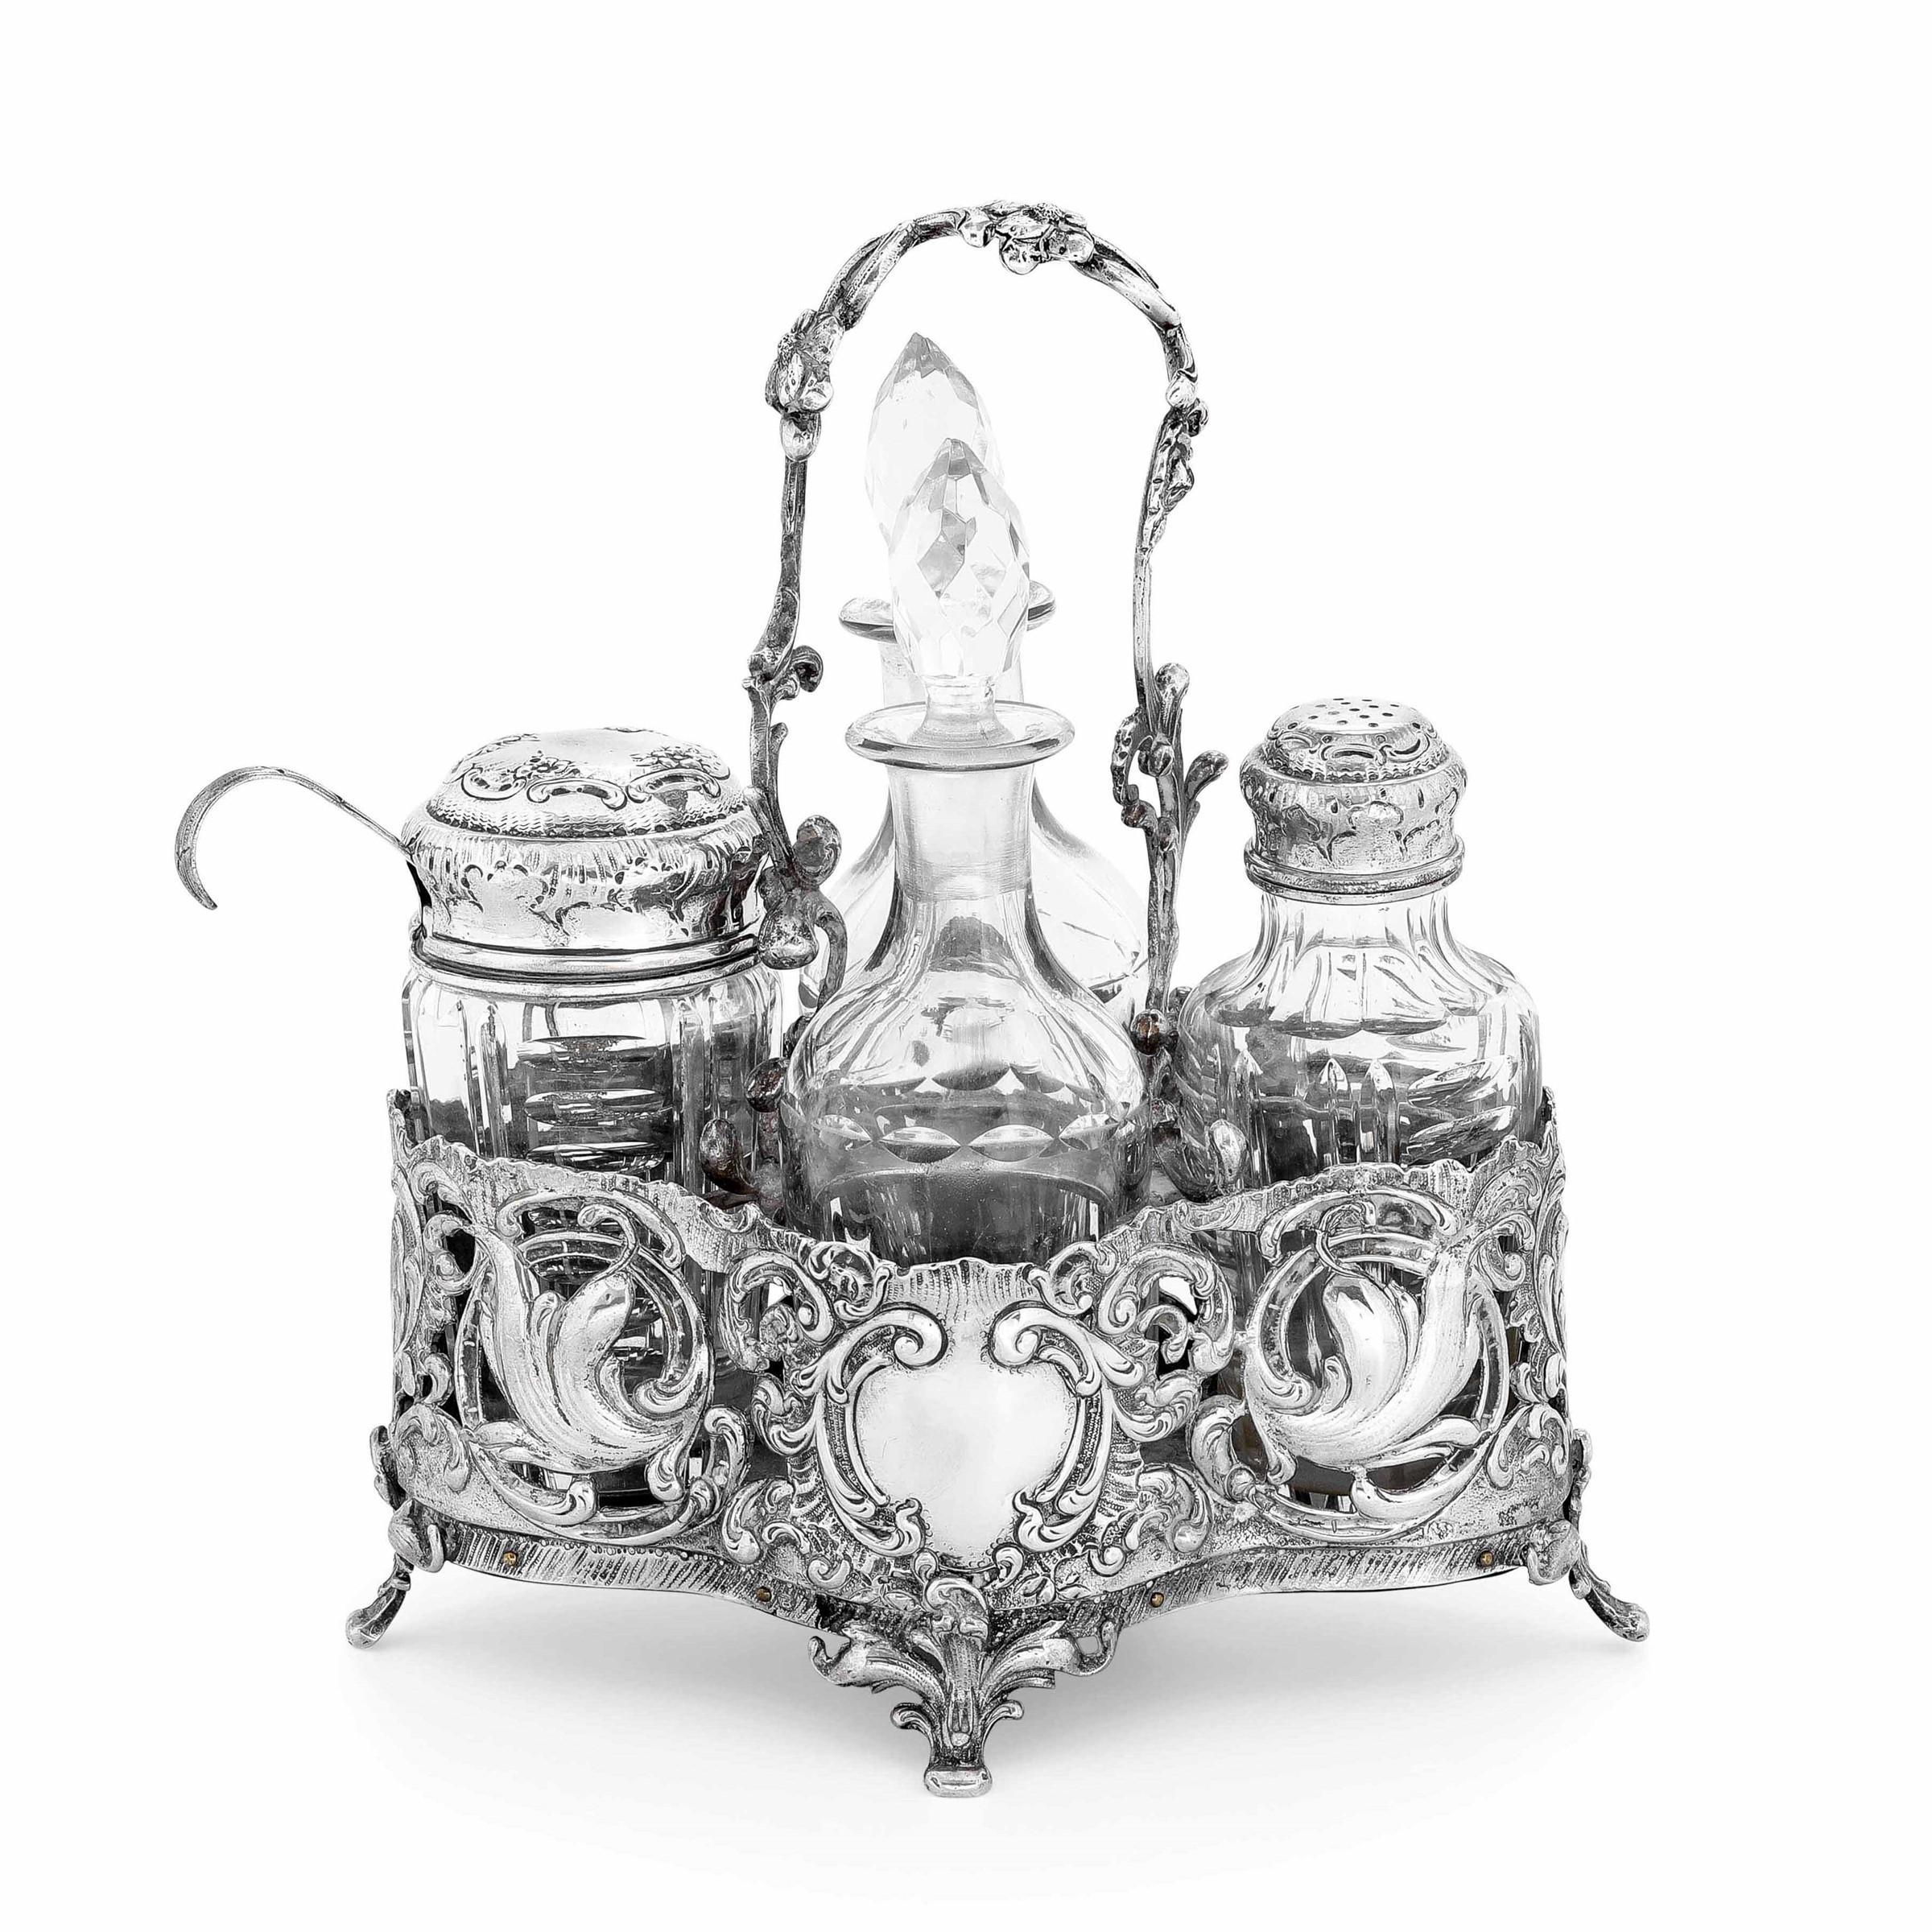 Acetoliera in argento fuso, cesellato e traforato, ampolle in vetro molato. Impero [...]